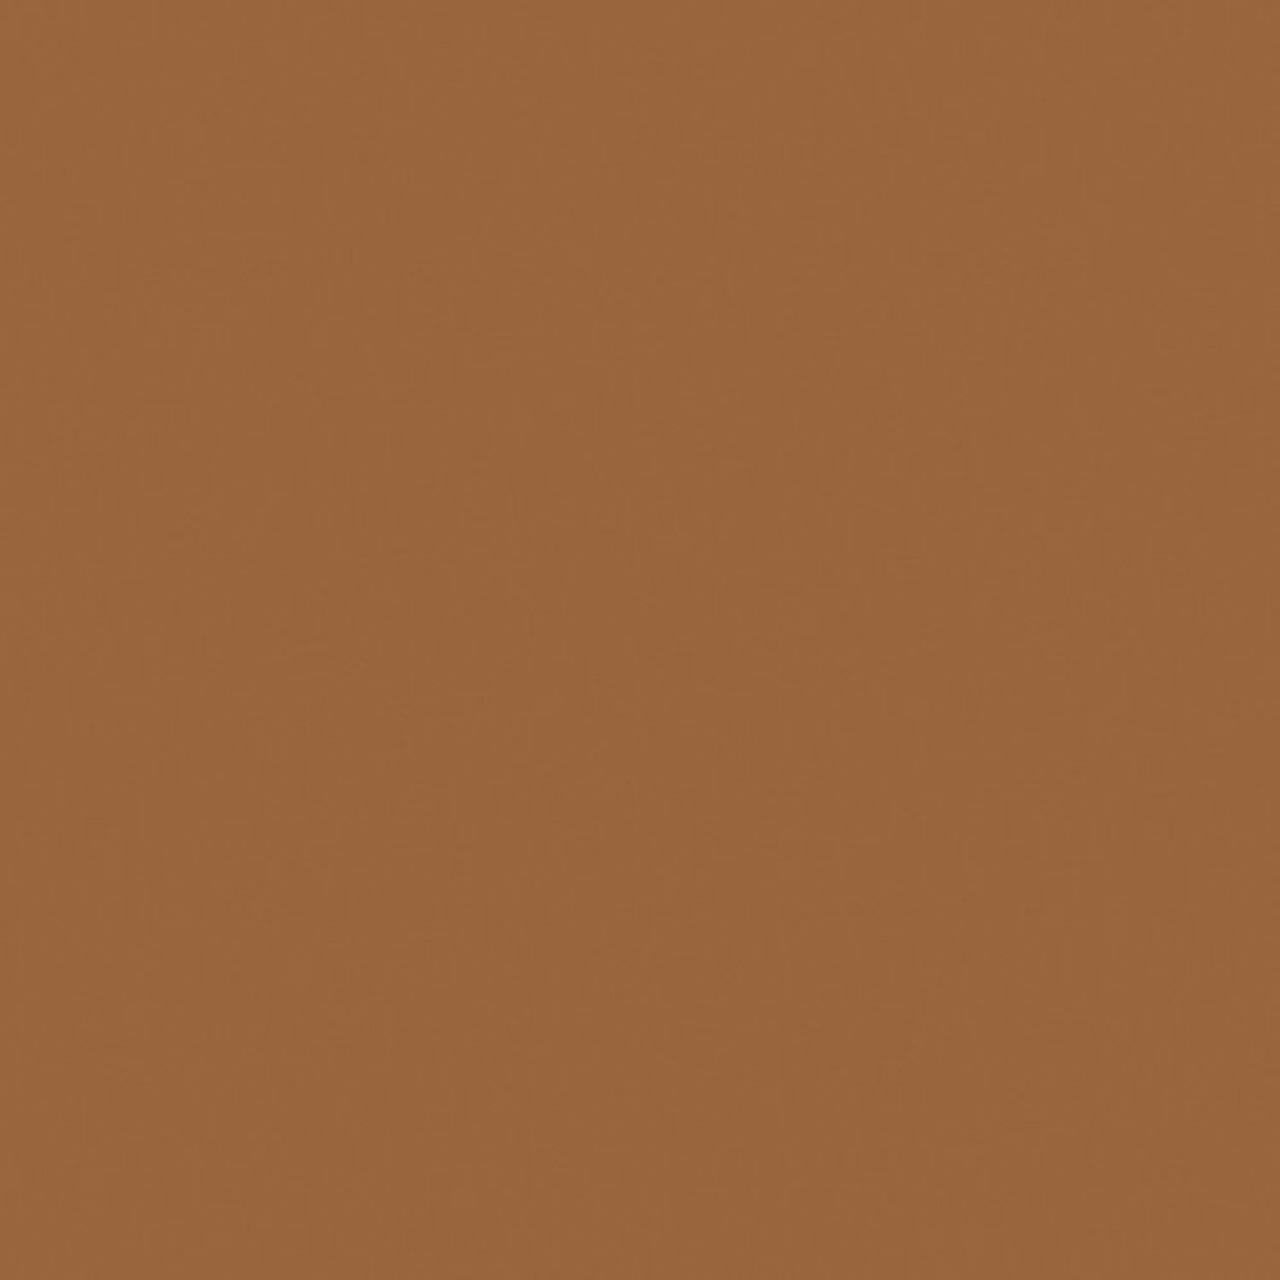 Rosco Cinegel Sheet #3406: Roscosun 85N.6, Gels